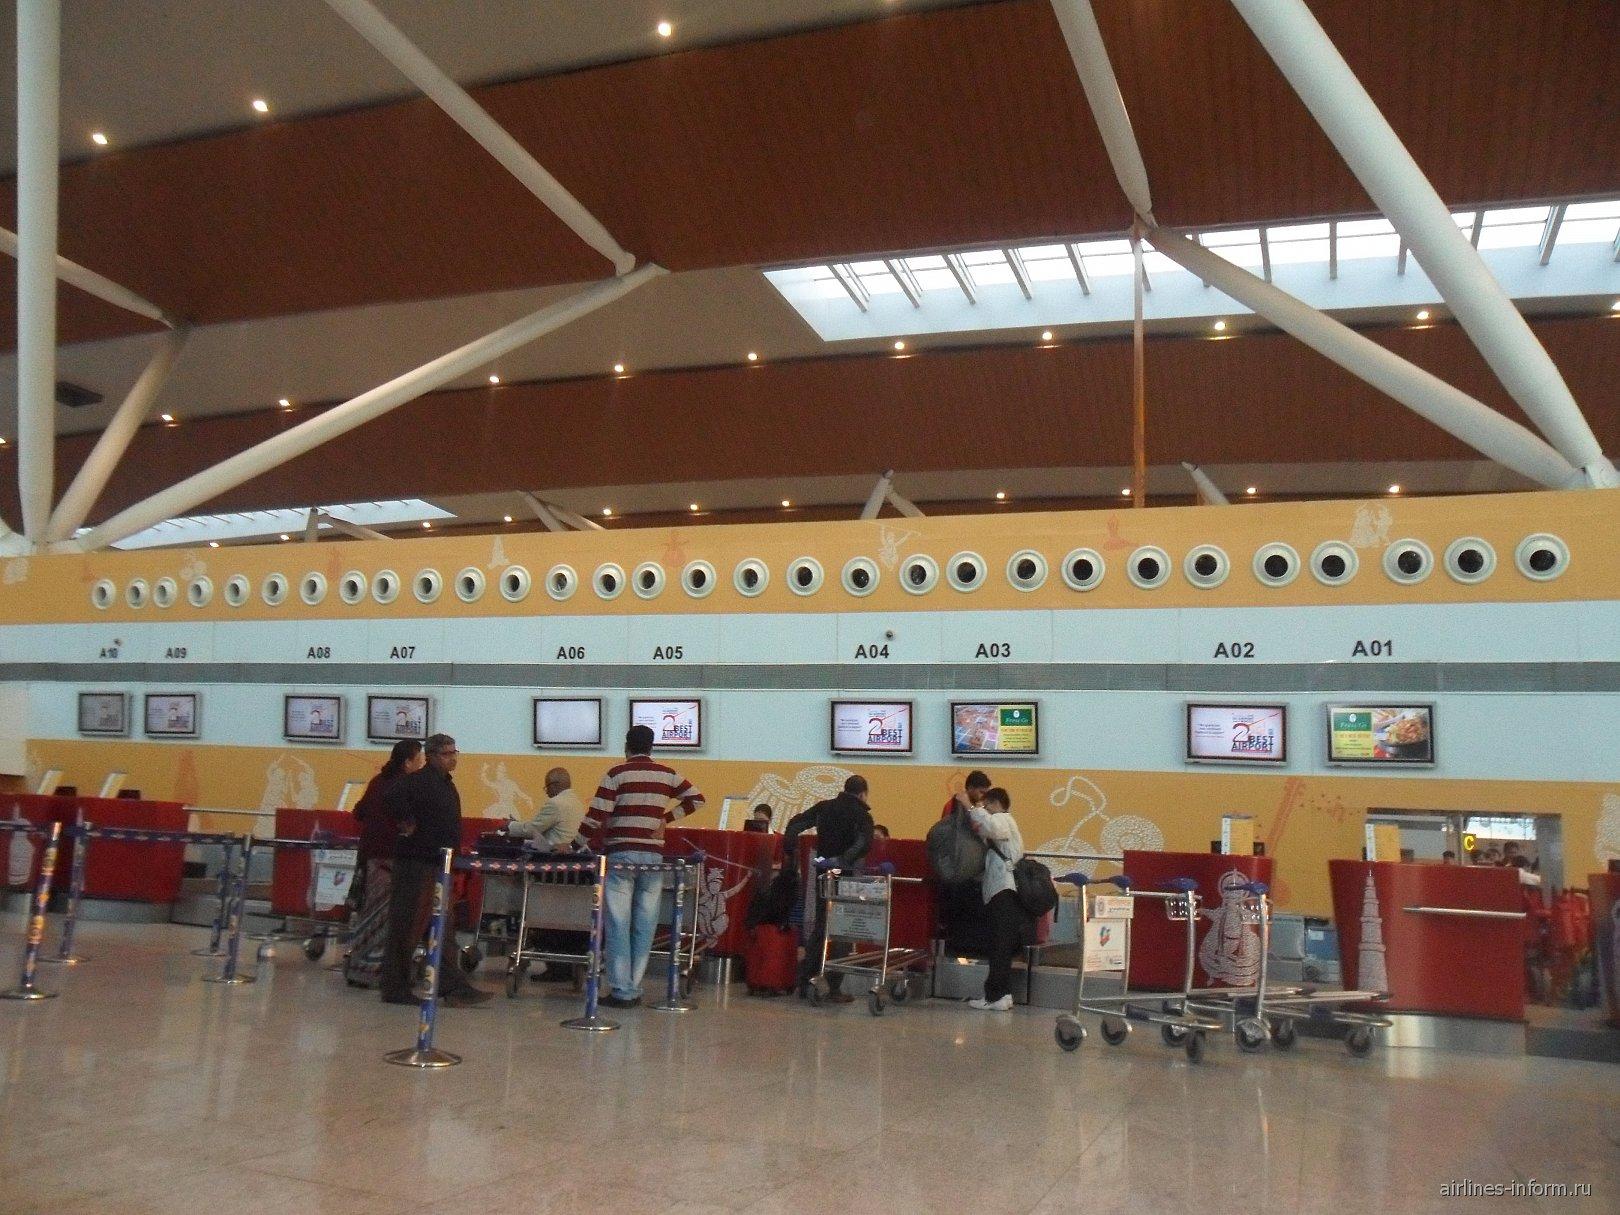 Стойки регистрации на рейсы в аэропорту Дели